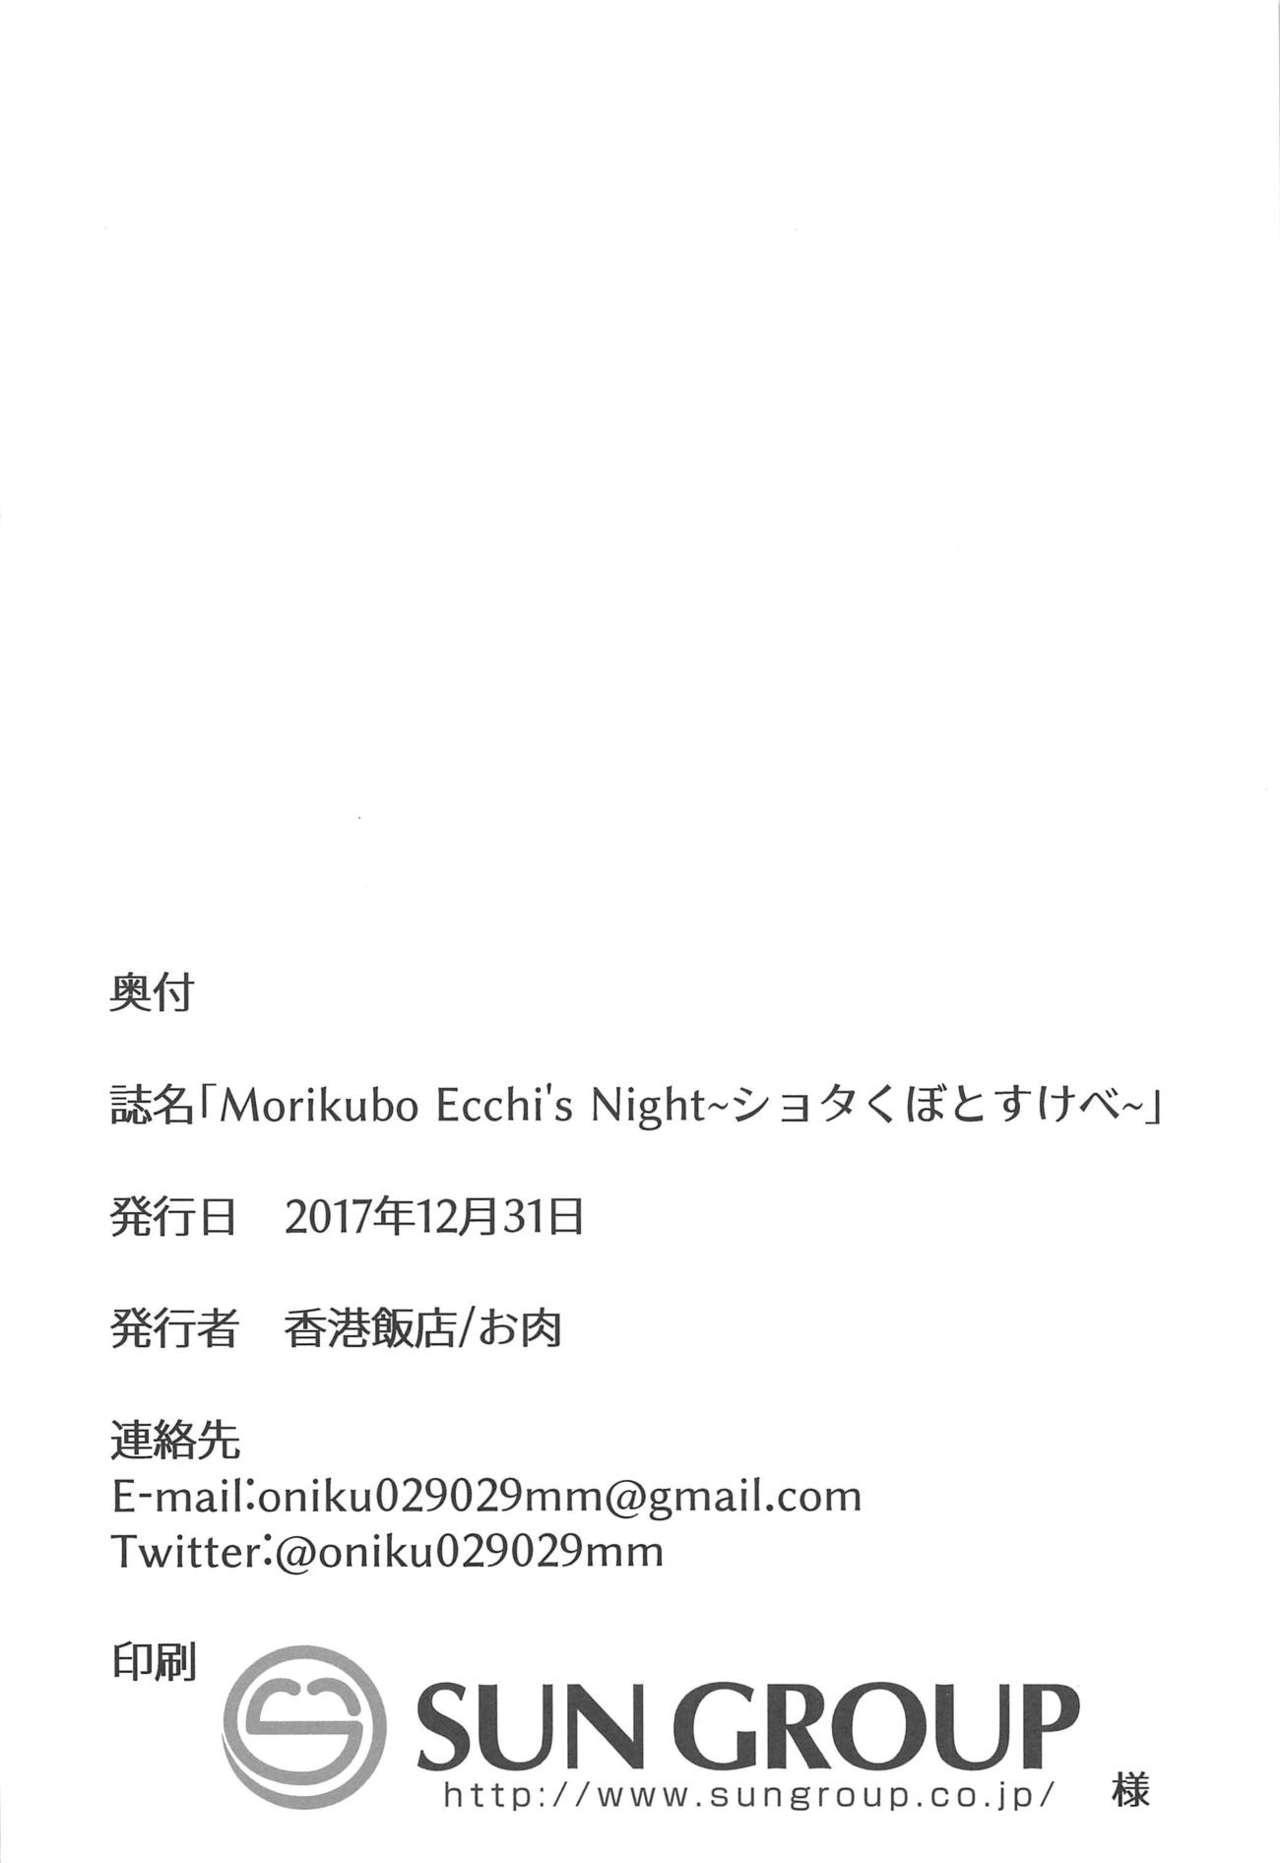 Morikubo Ecchi's Night 24